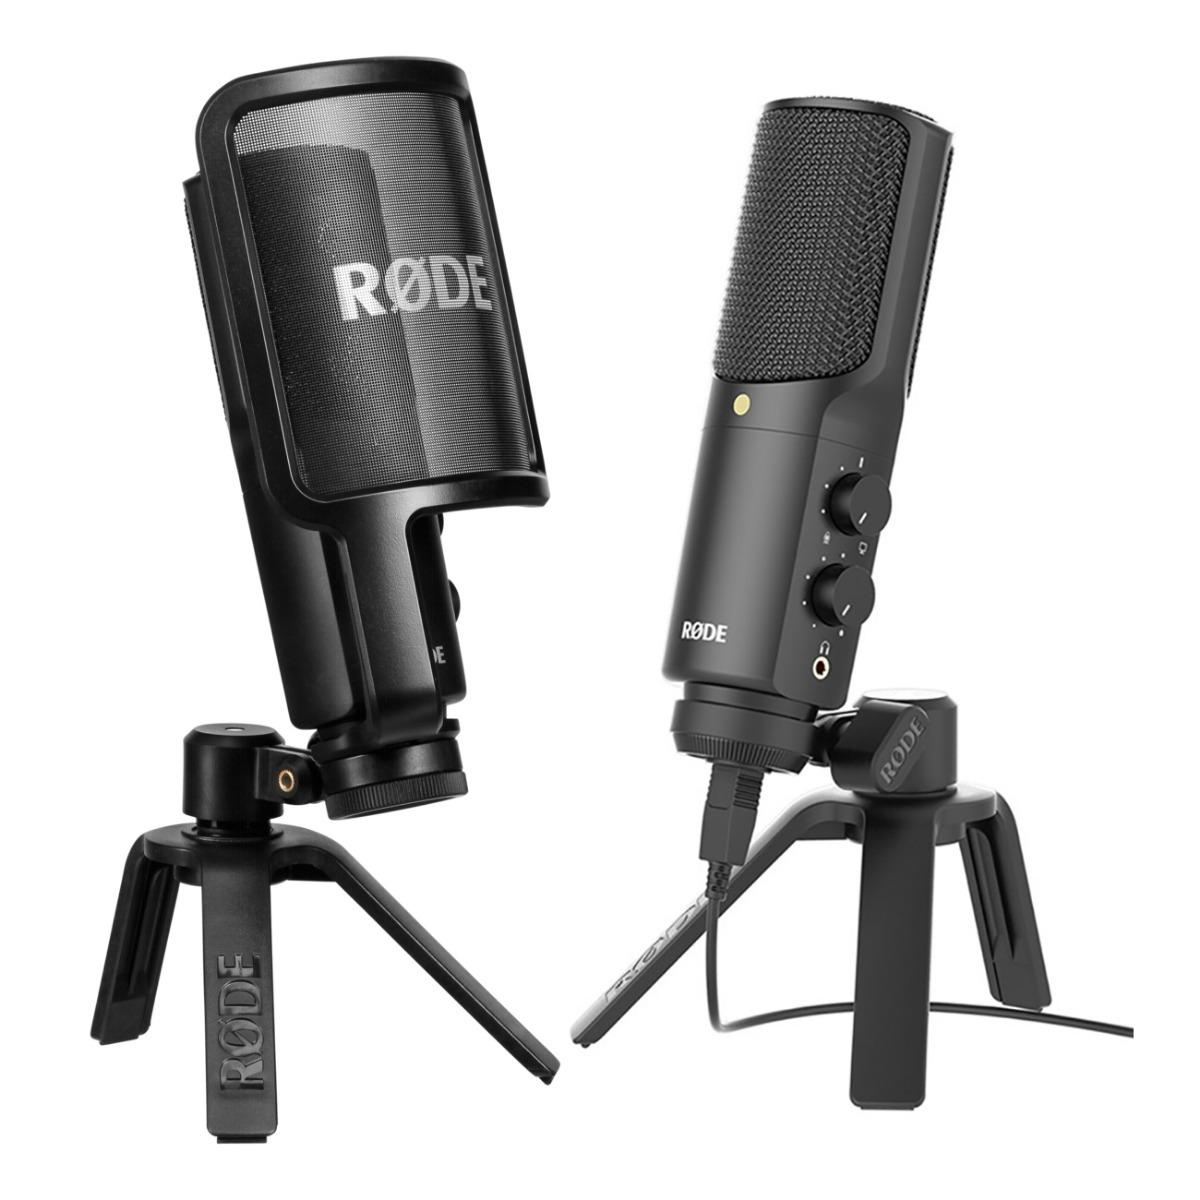 Rode Soporte para micr/ófono NT de USB